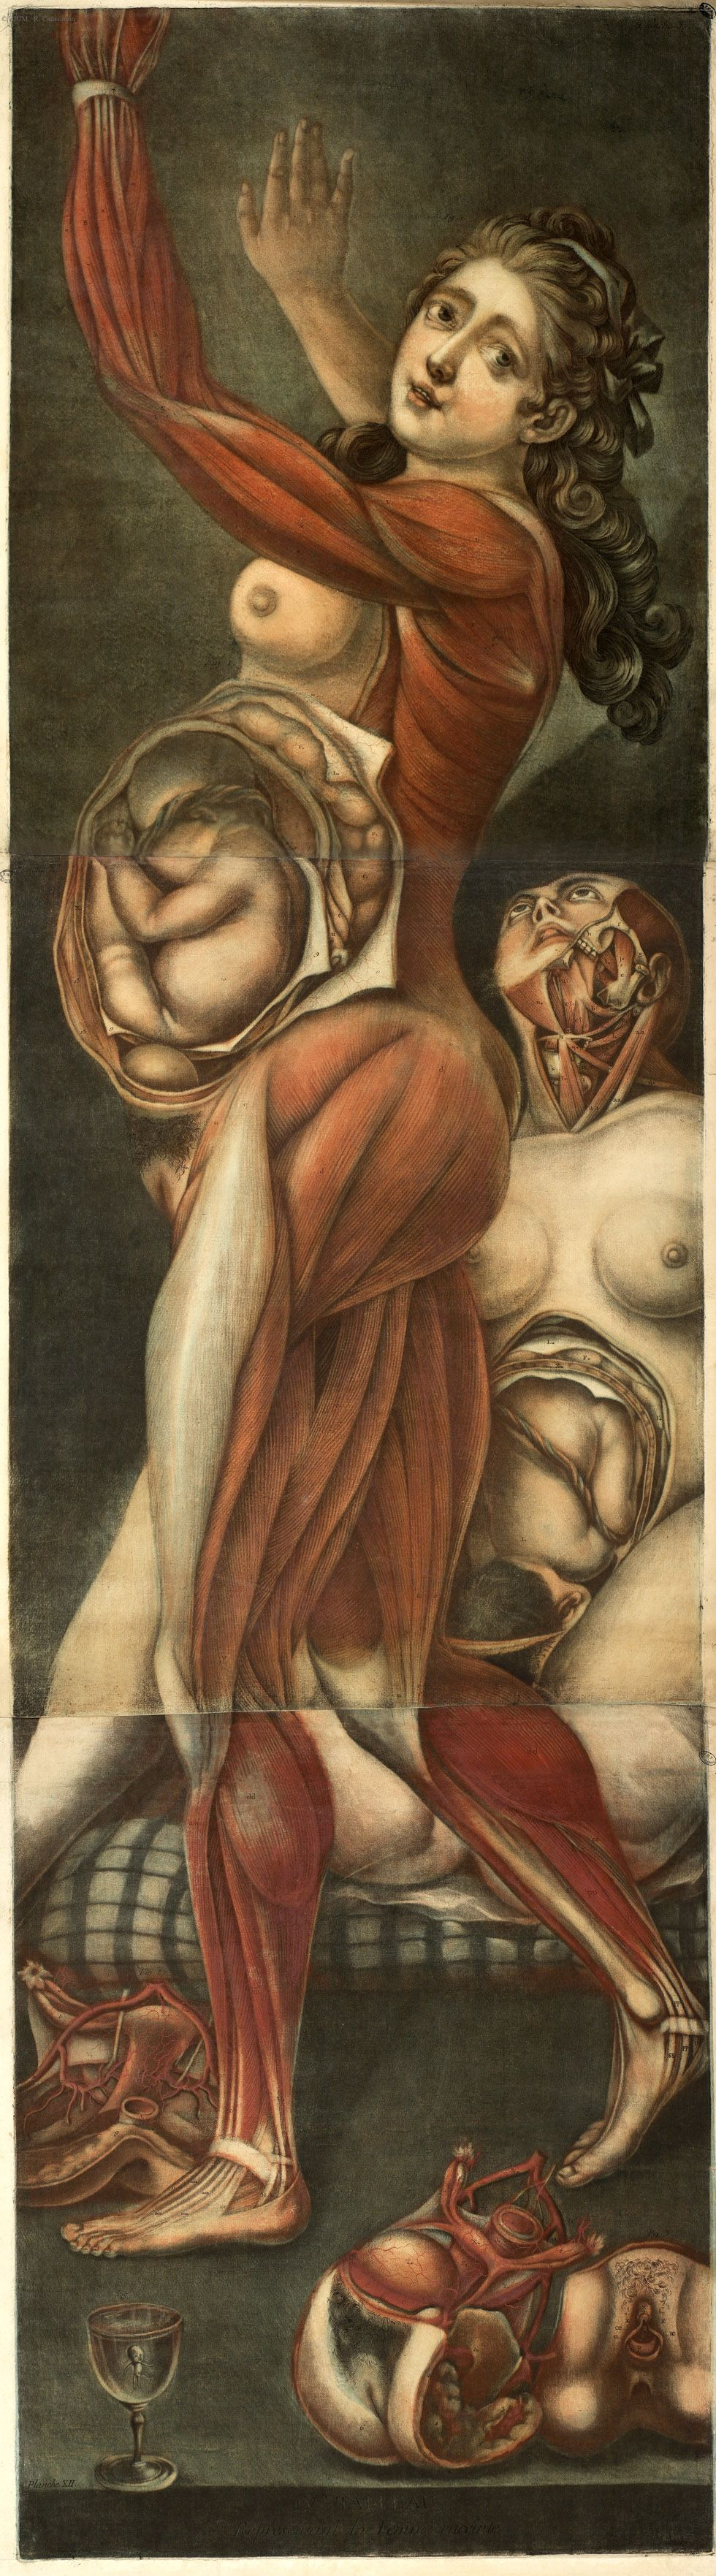 """""""Femme enceinte, de profil, avec muscles partiellement apparents et fœtus visible"""", Gautier d'Agoty (Jacques-Fabien), Recueil factice de planches séparées, XVIIIe, BIUM, Paris"""